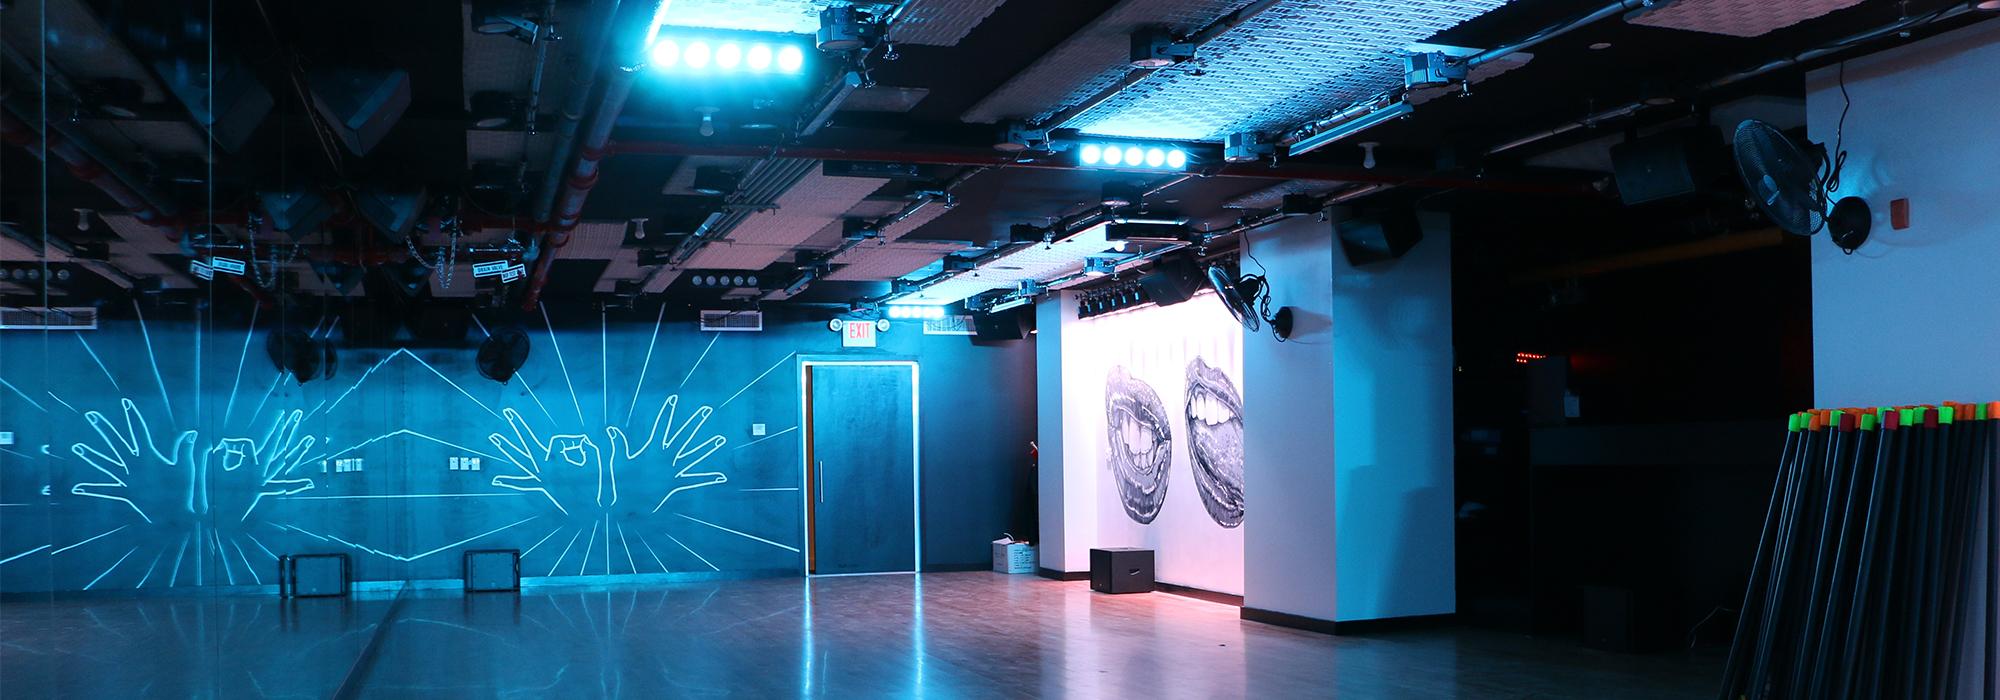 305 Fitness studio space